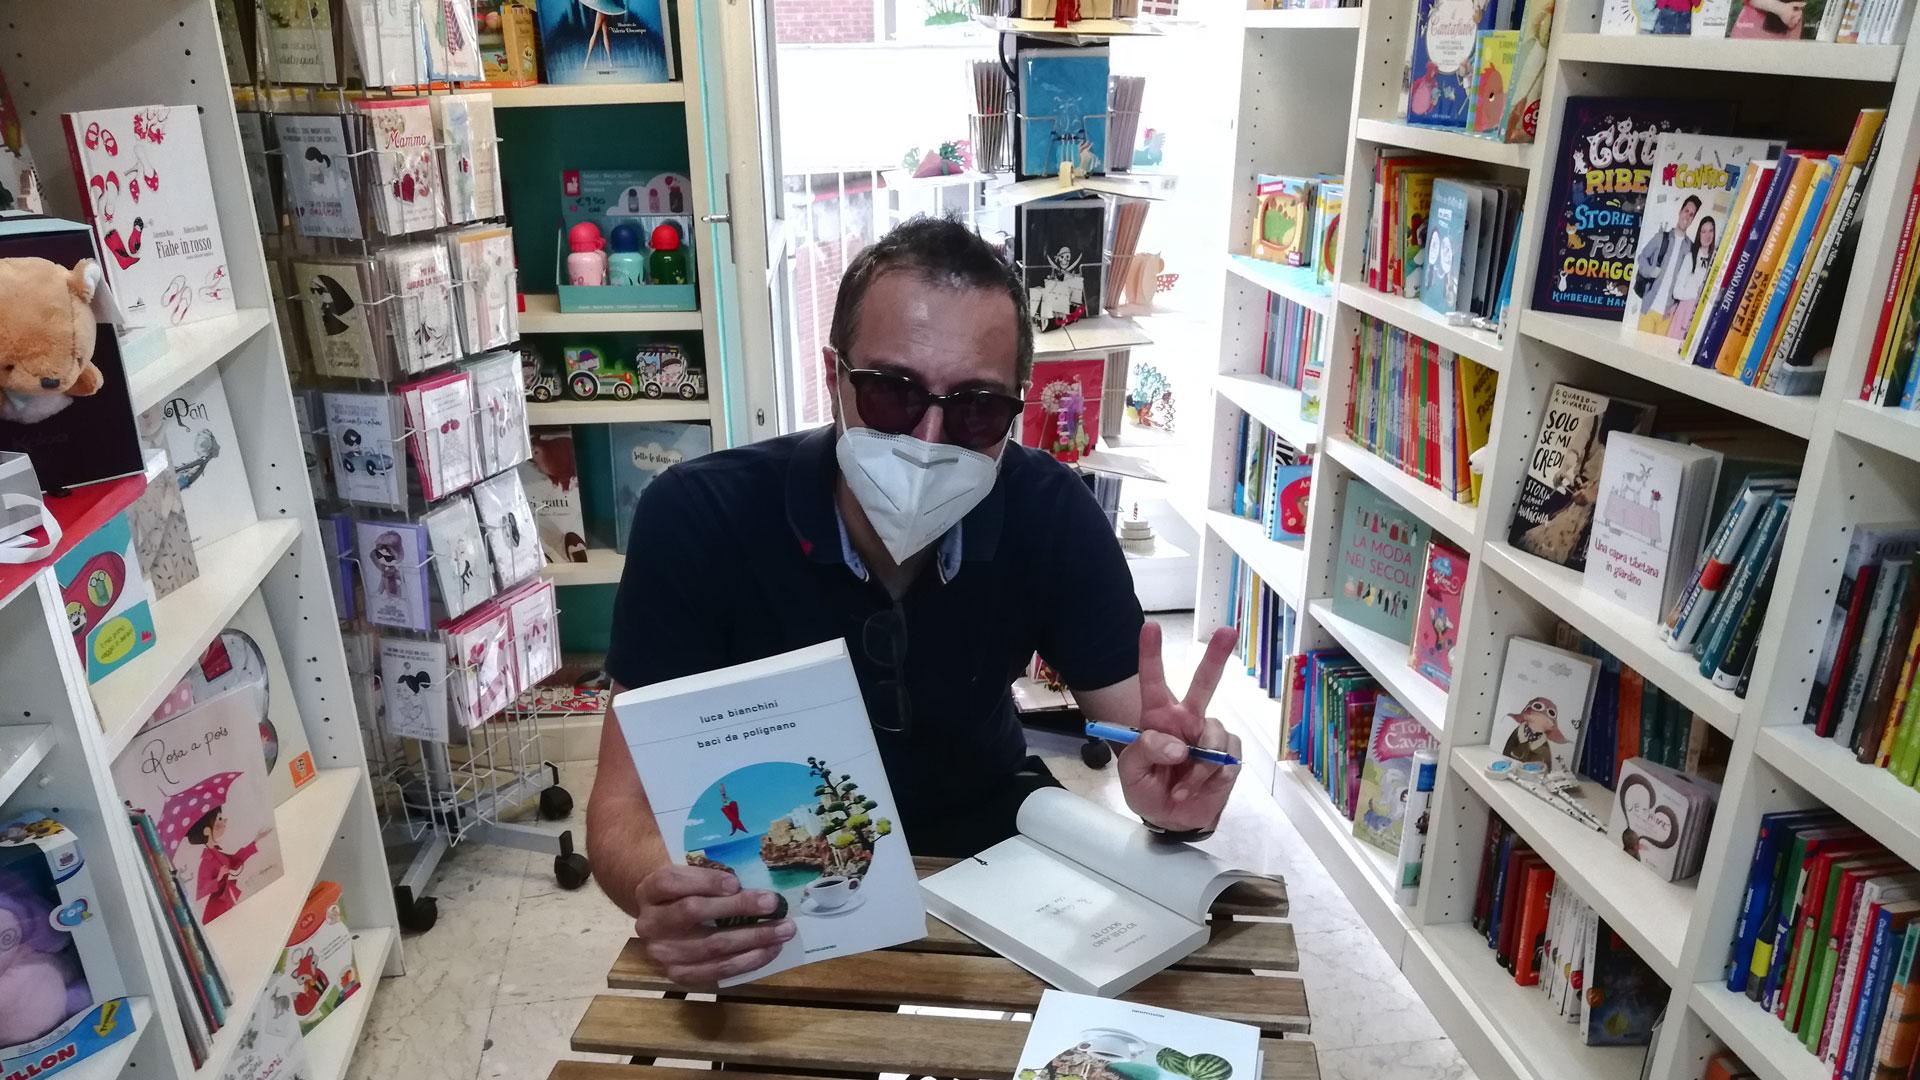 Lo scrittore Luca Bianchini in visita alla libreria Essai di Torino